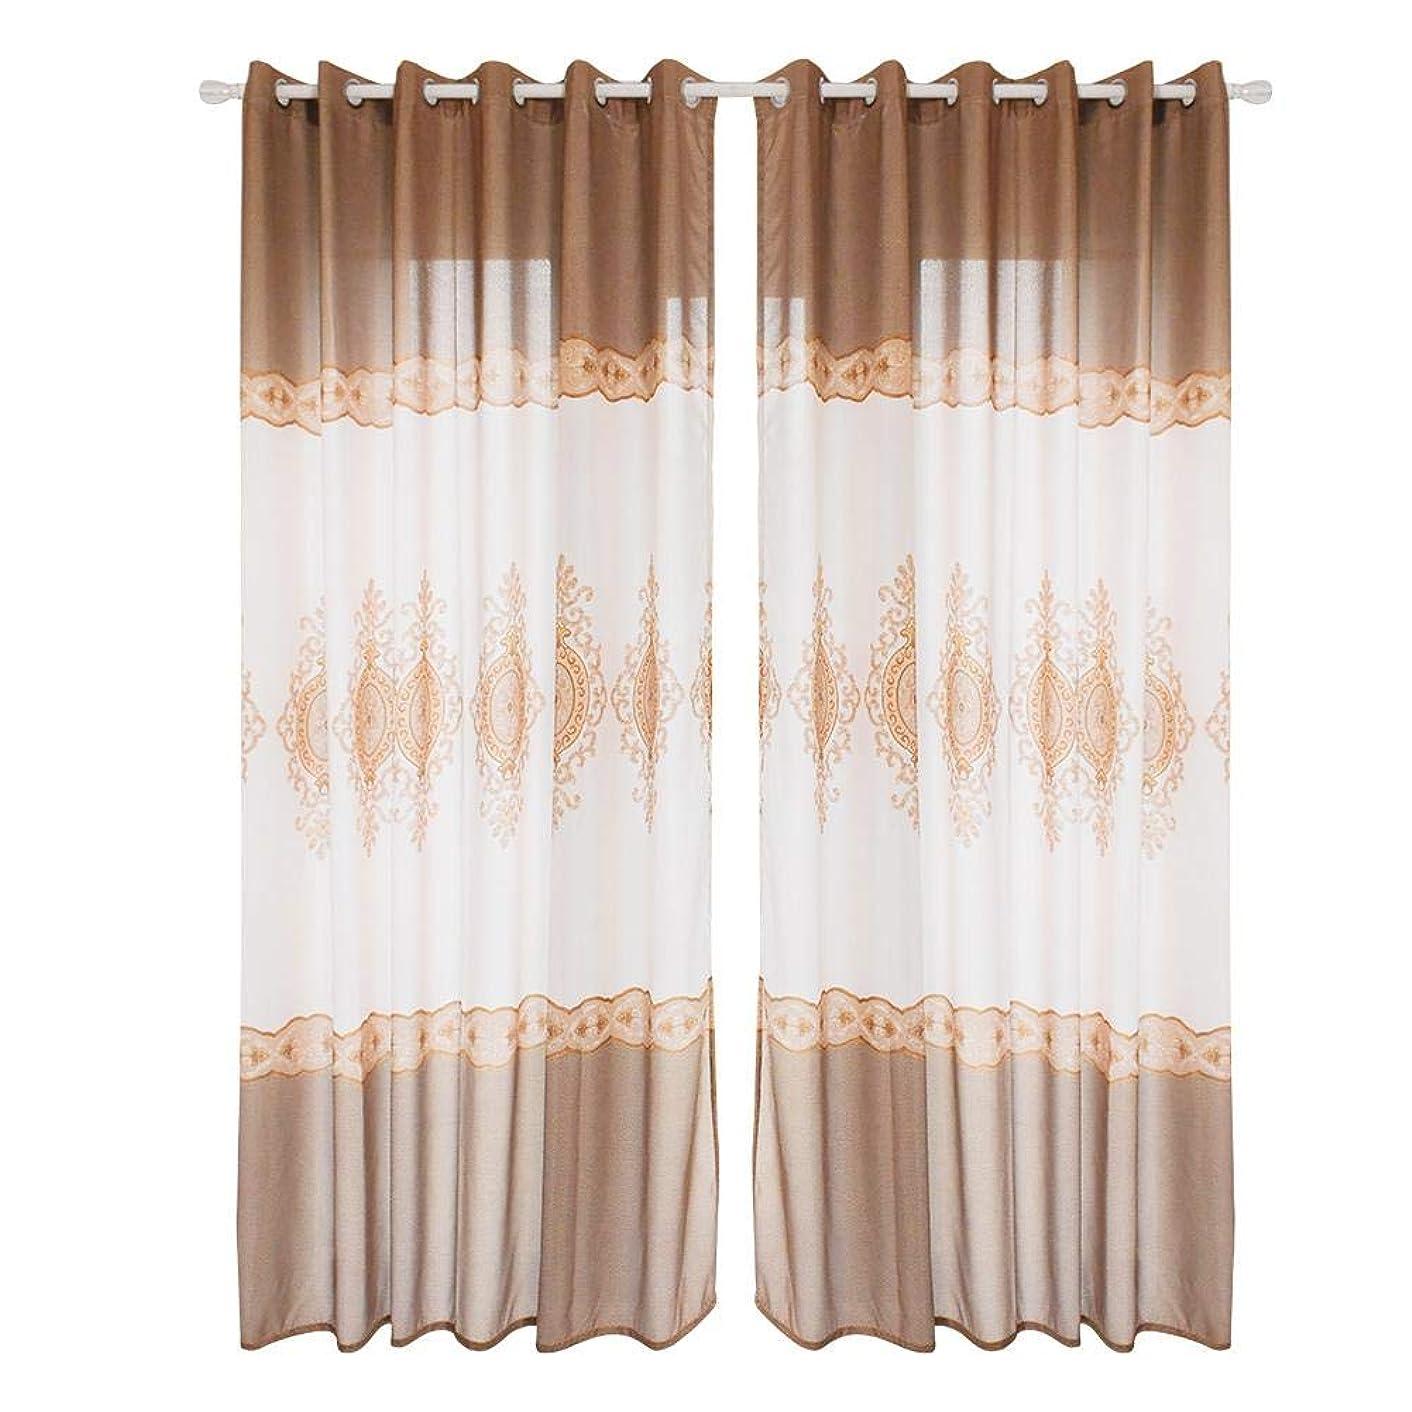 発明するアーネストシャクルトンウェーハ欧米スタイル木目 遮光カーテン ドレープカーテン 断熱 UV カット 薄い 洗える 幅100CMX丈270CM